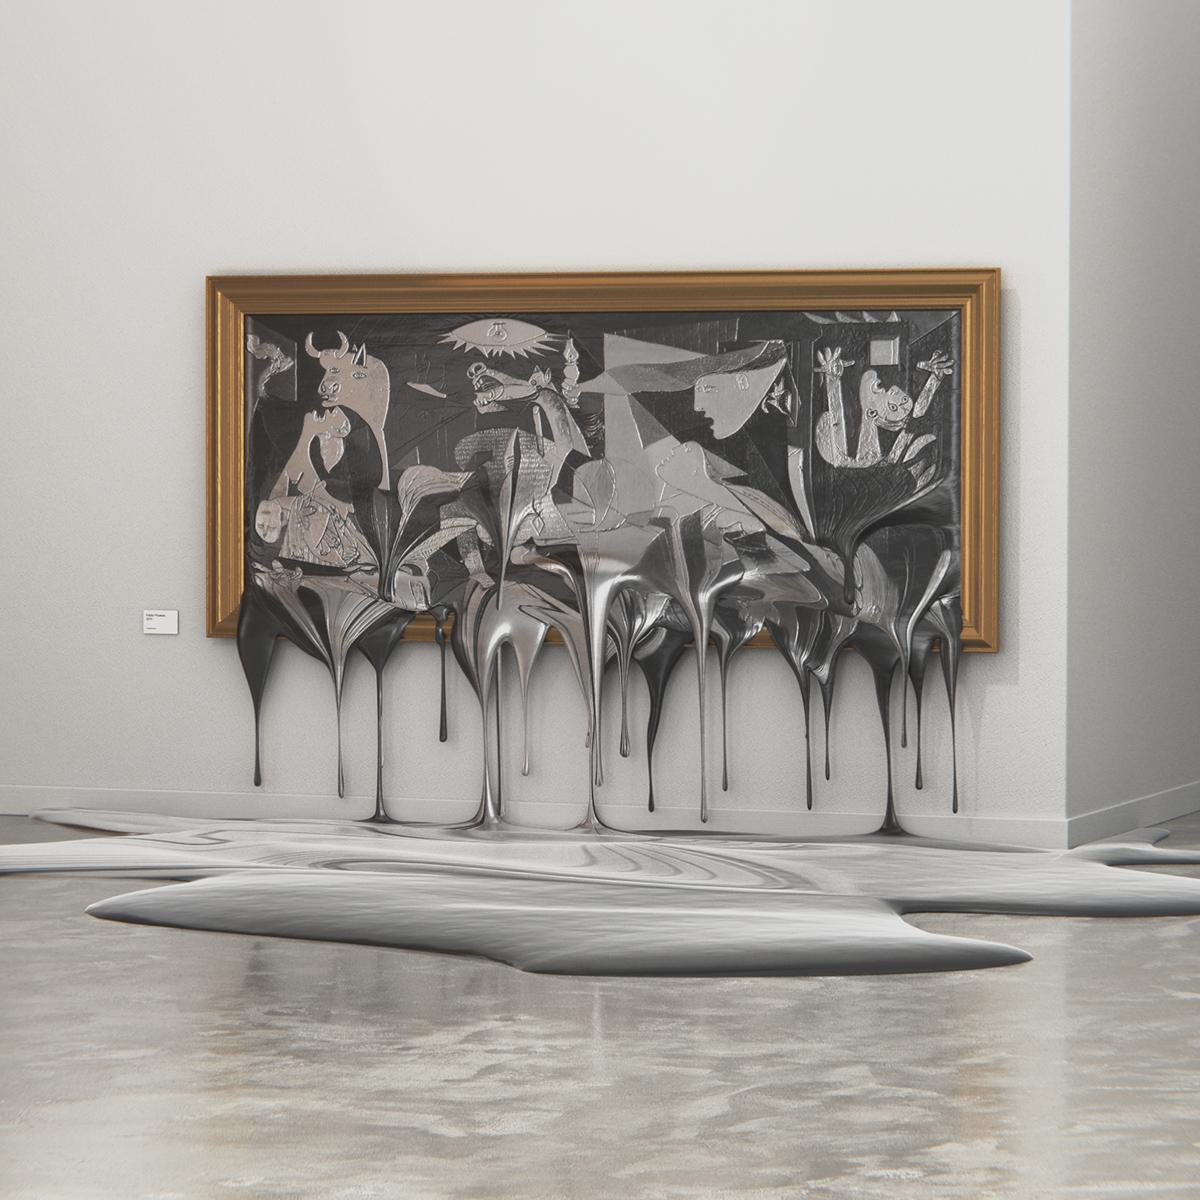 Hot Art Exhibition, gli effetti dell'estate sulle opere arte | Collater.al 4